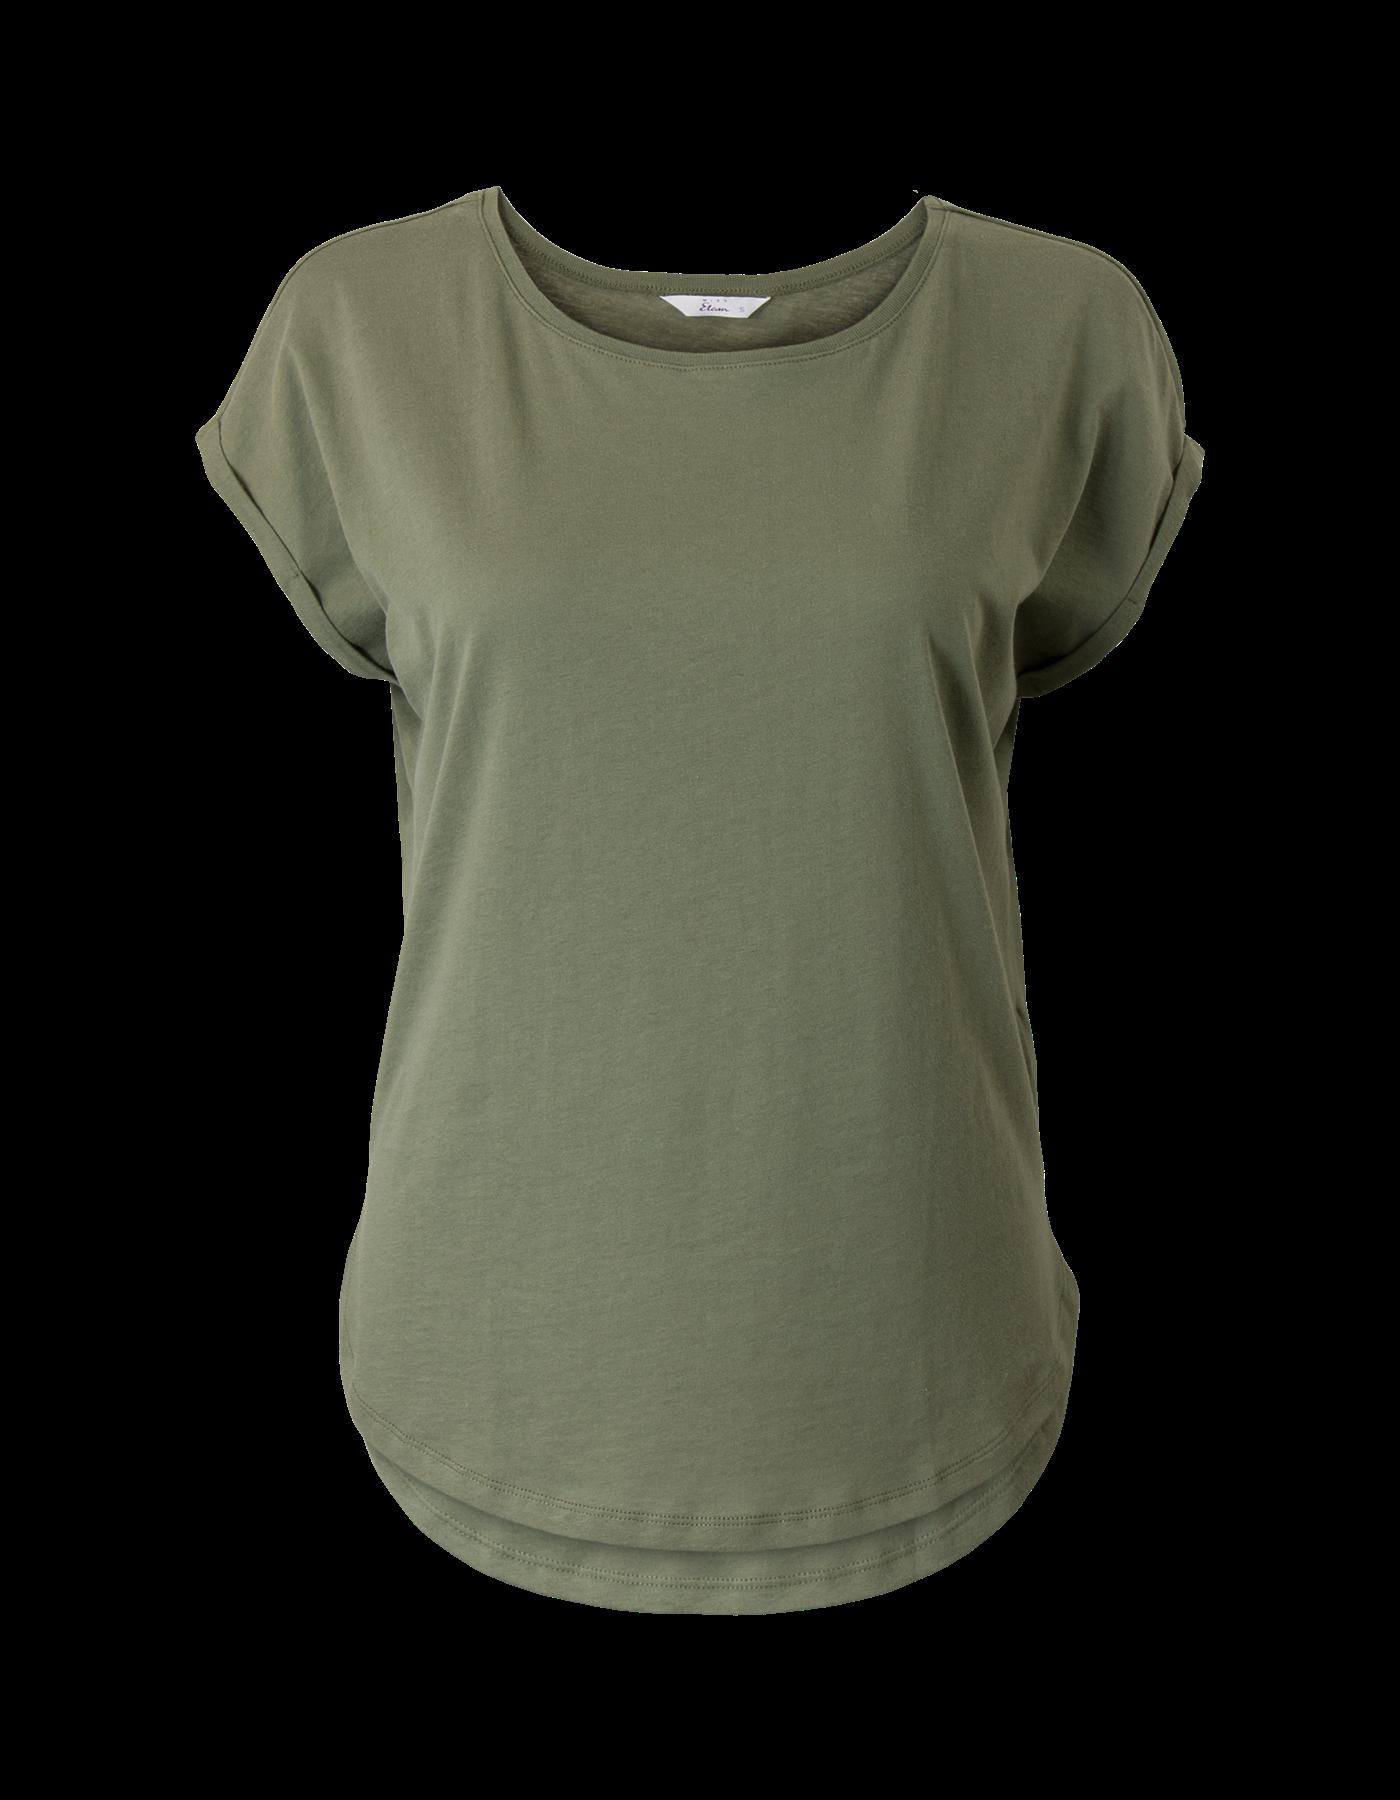 Groene top met korte mouwen en ronde hals. Het is een boxy (vierkant) model gemaakt van 100% katoen. Heuplengte.  Dit artikel behoort tot de Etam Regulier collectie.